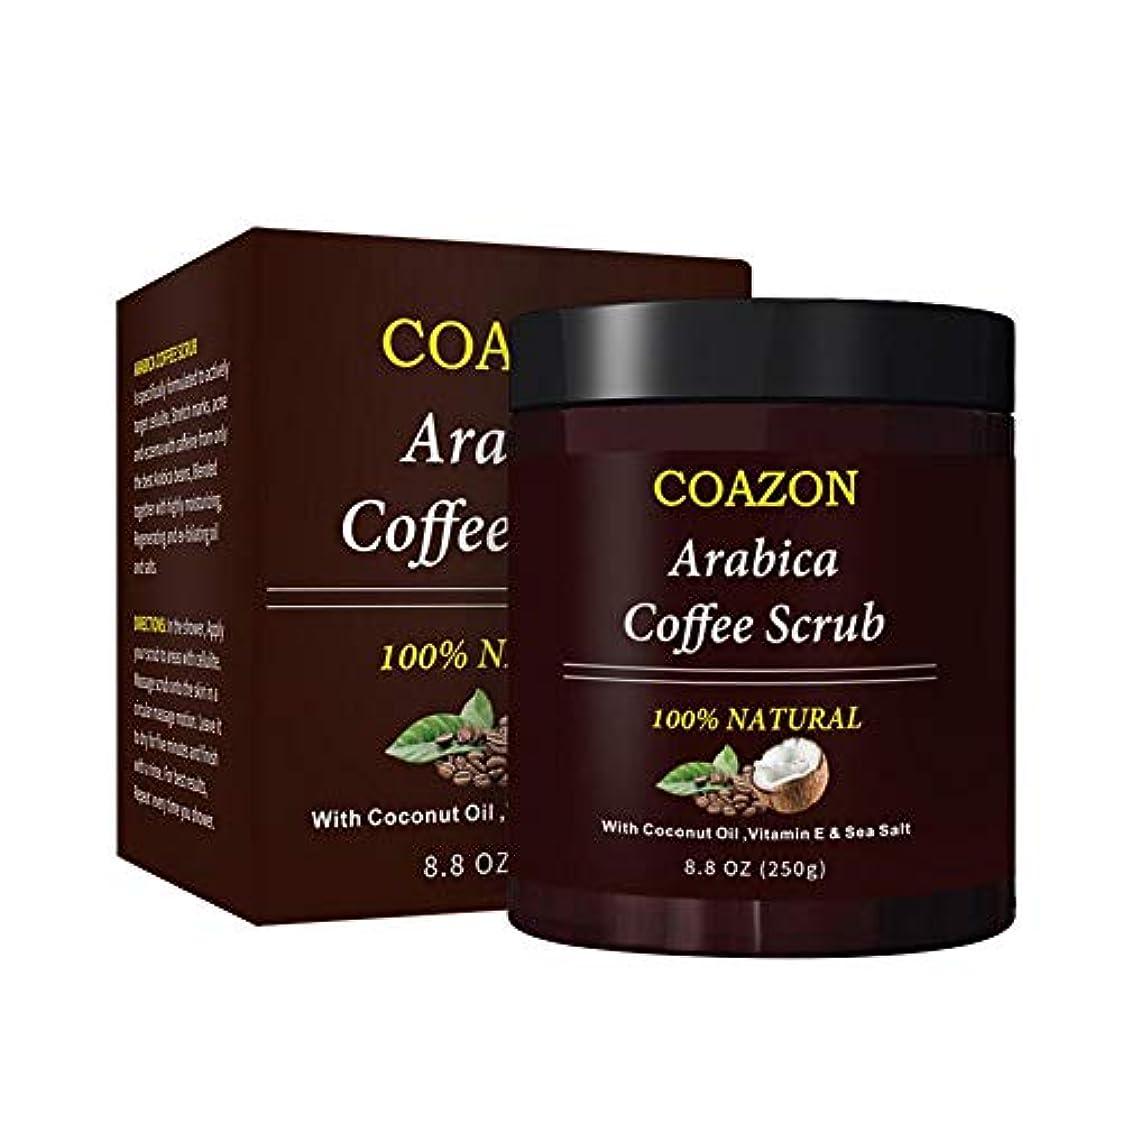 確立ガムパワーColdwhite ボディースクラブ 角質除去ホワイトニング保湿抗セルライト治療のためのコーヒー介護者の自然死海塩クリーム 240g